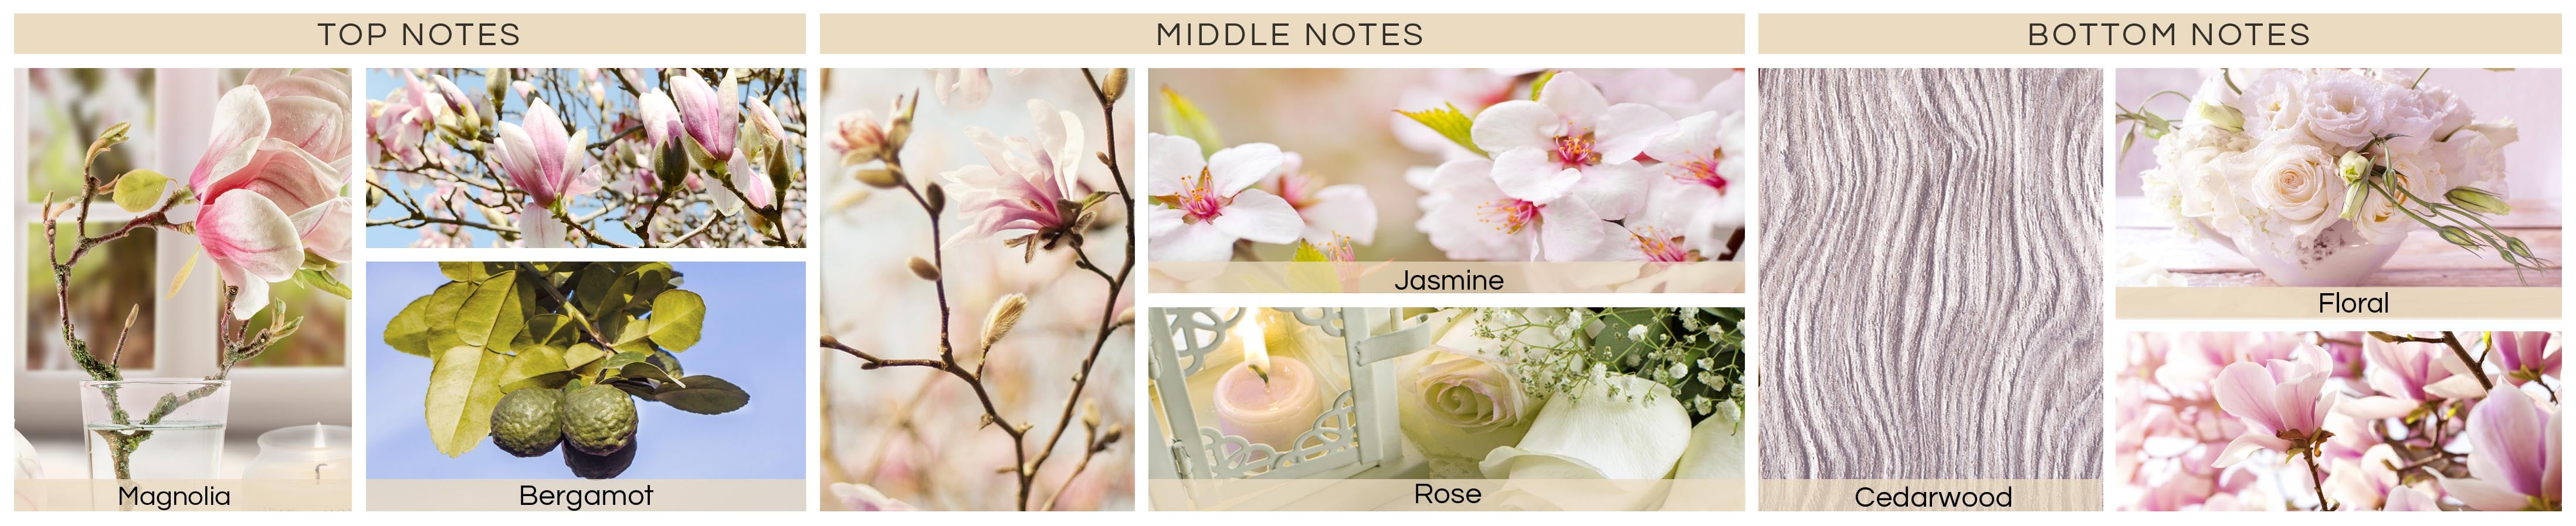 magnolia-blossom-jpg57602d1fc2270-min591c013768d5b